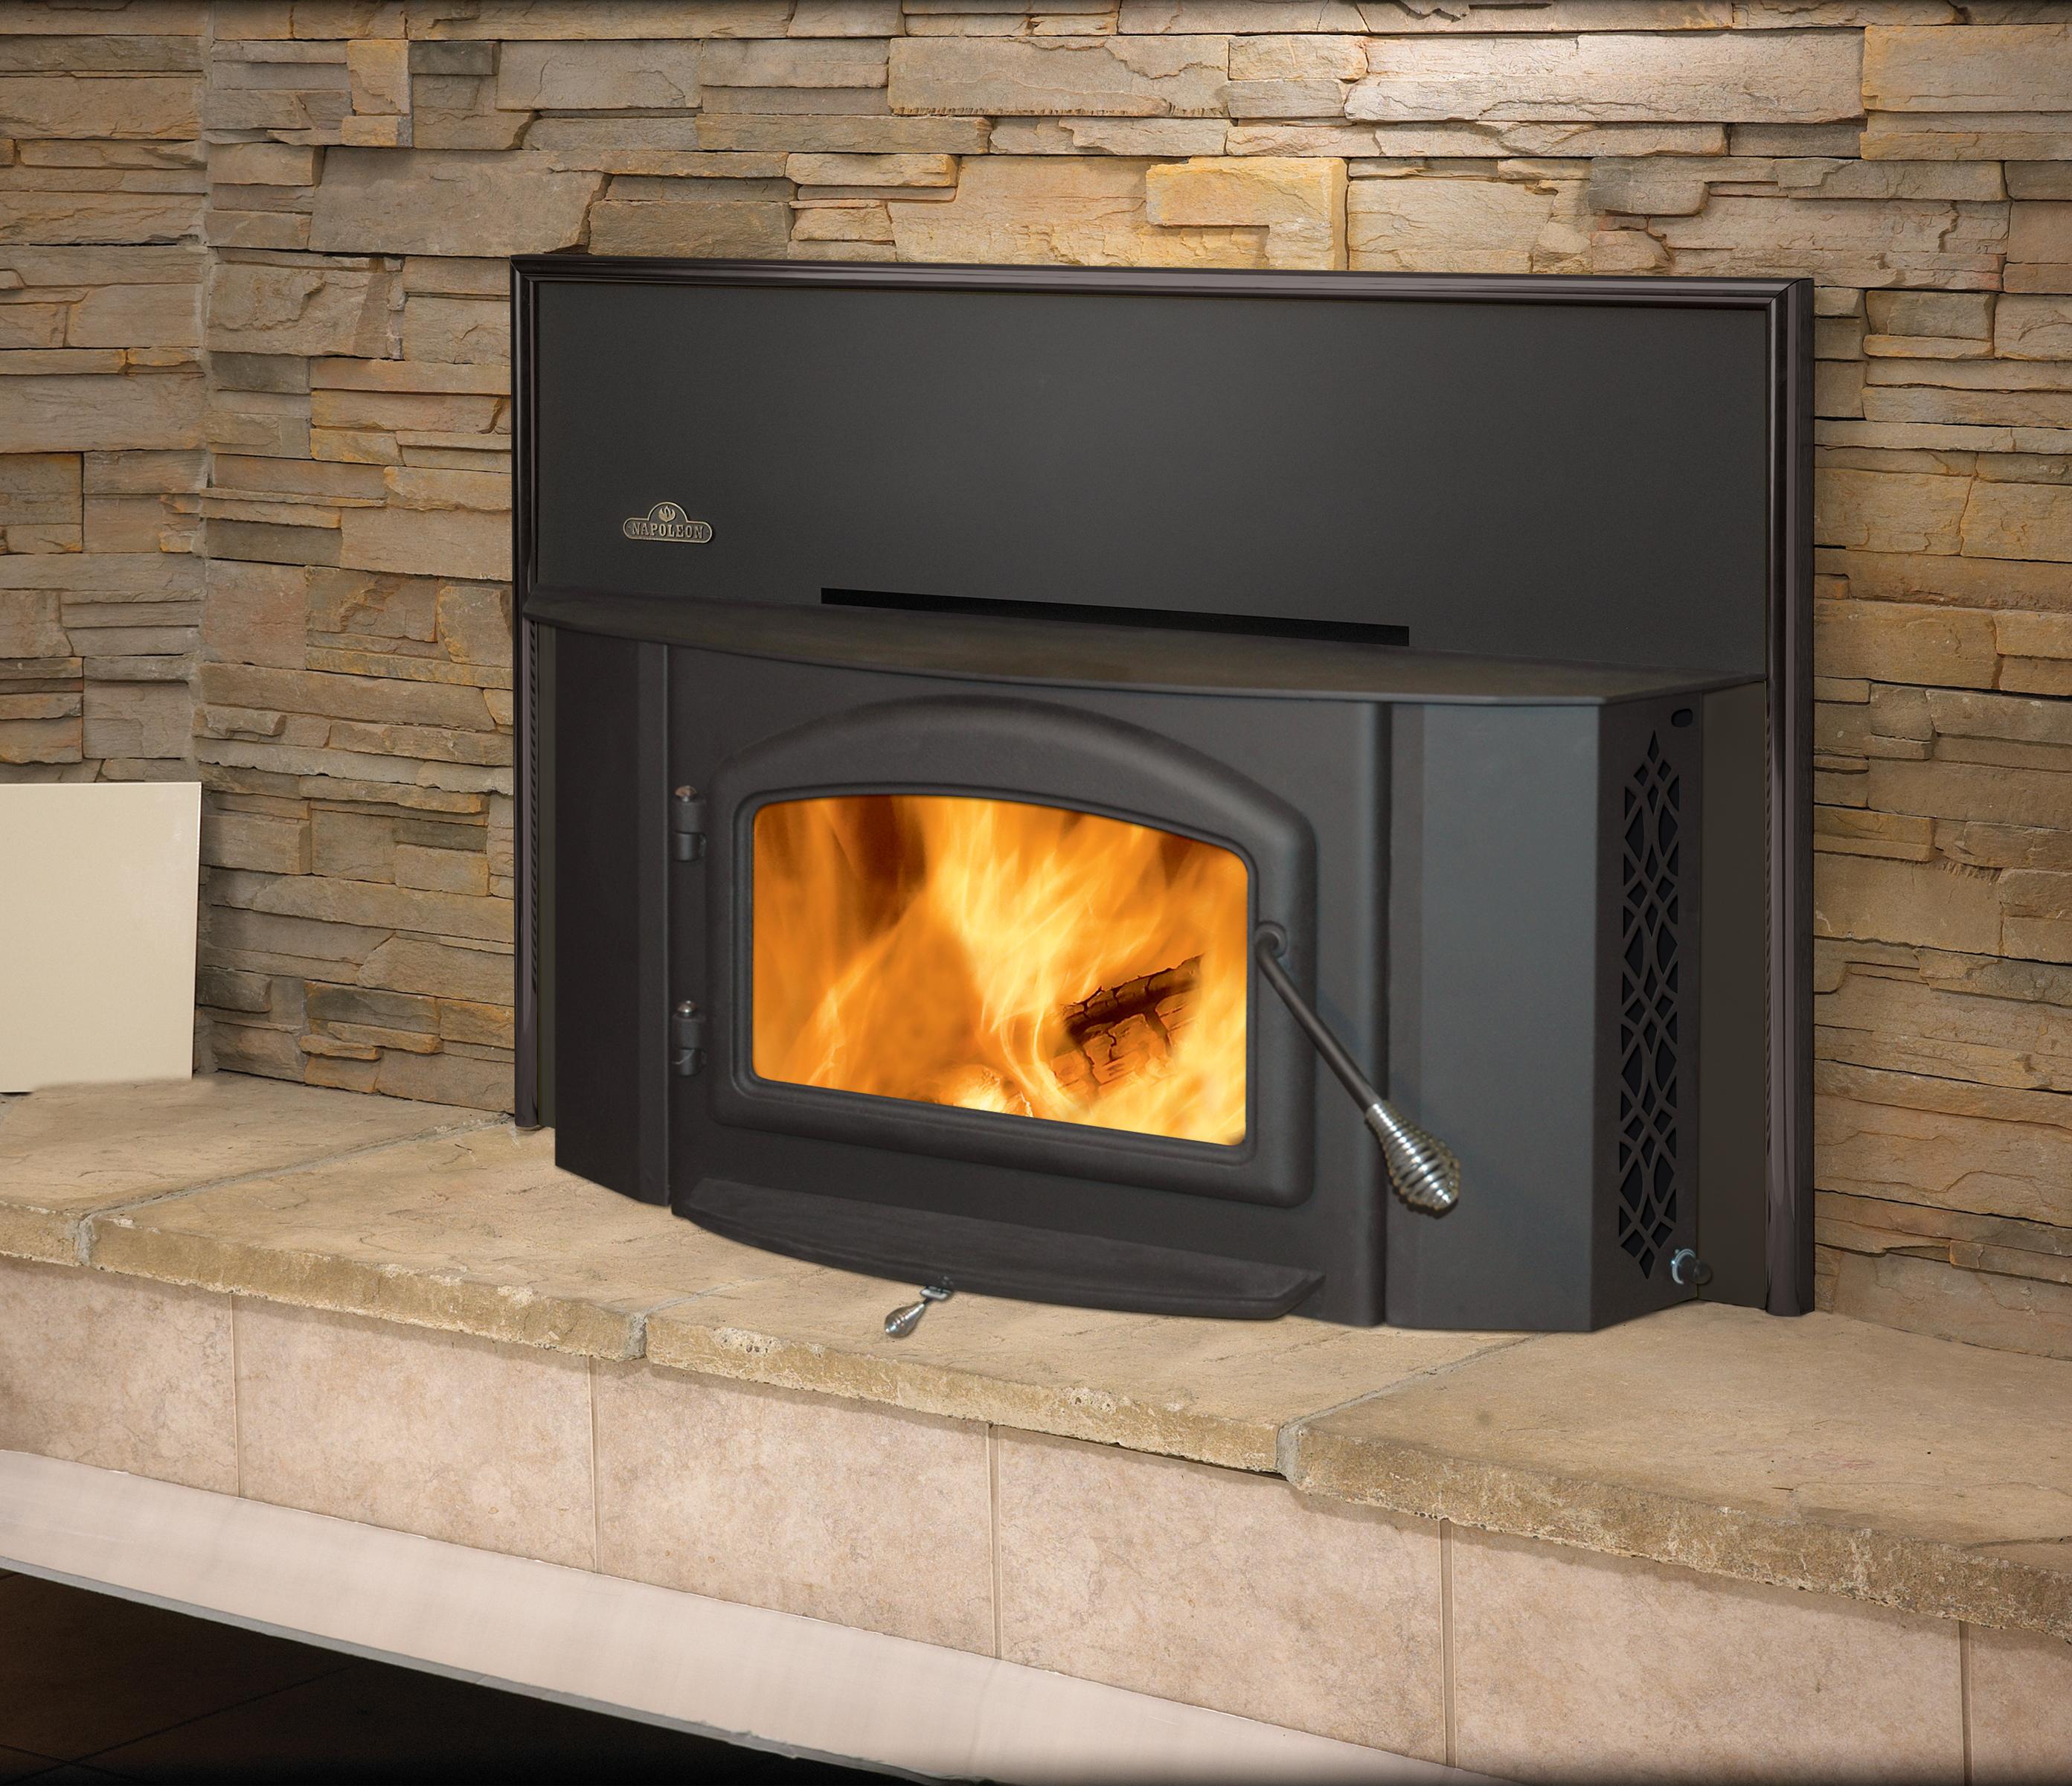 Napoleon 1402 Oakdale Wood Burning Fireplace Insert